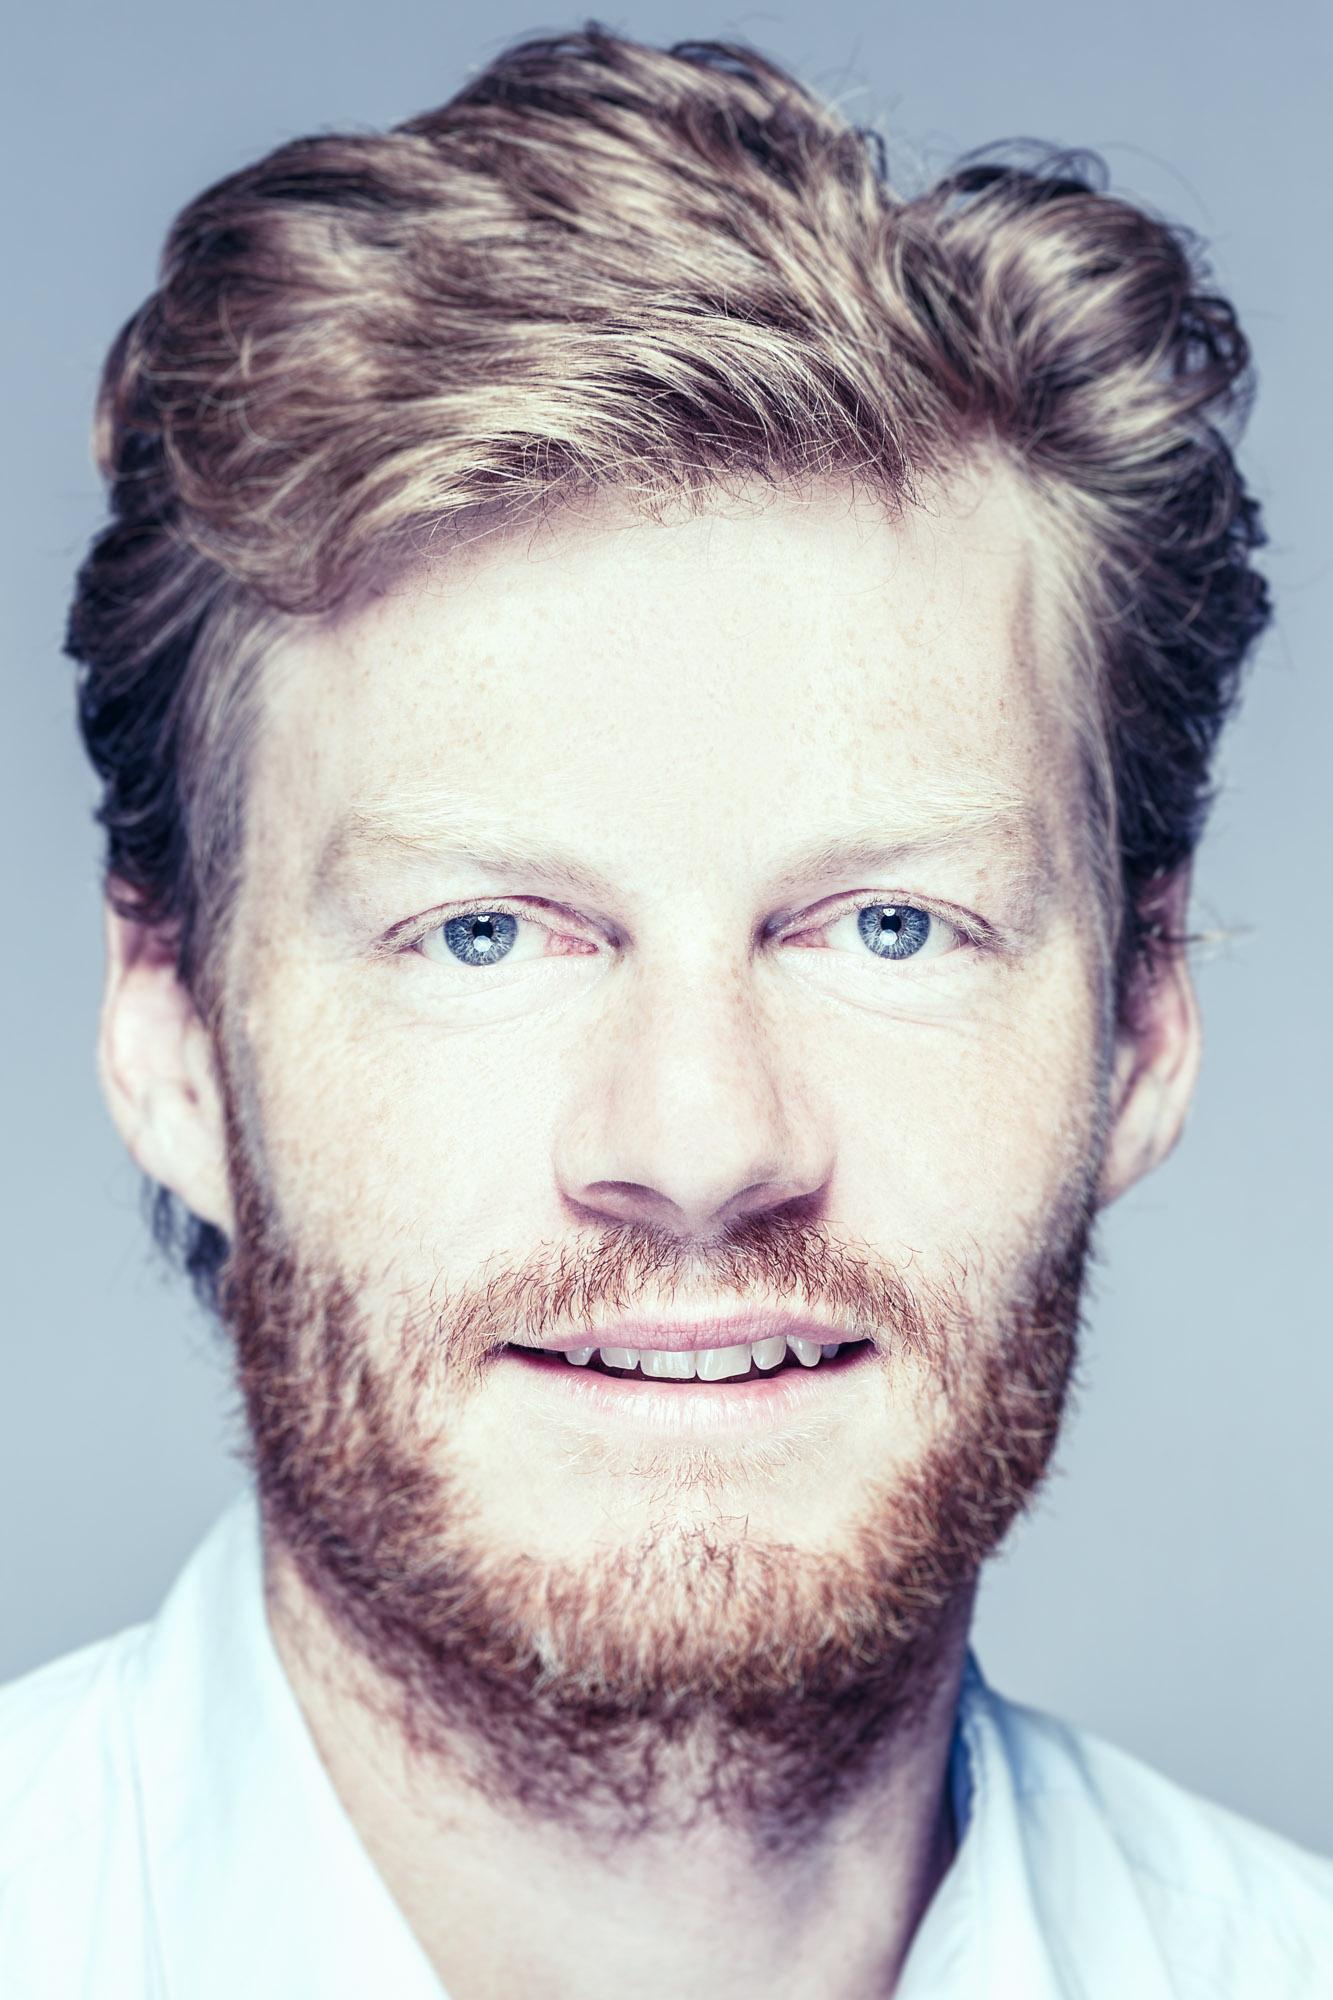 Christian Felber ist ein österreichischer politischer Aktivist und Autor